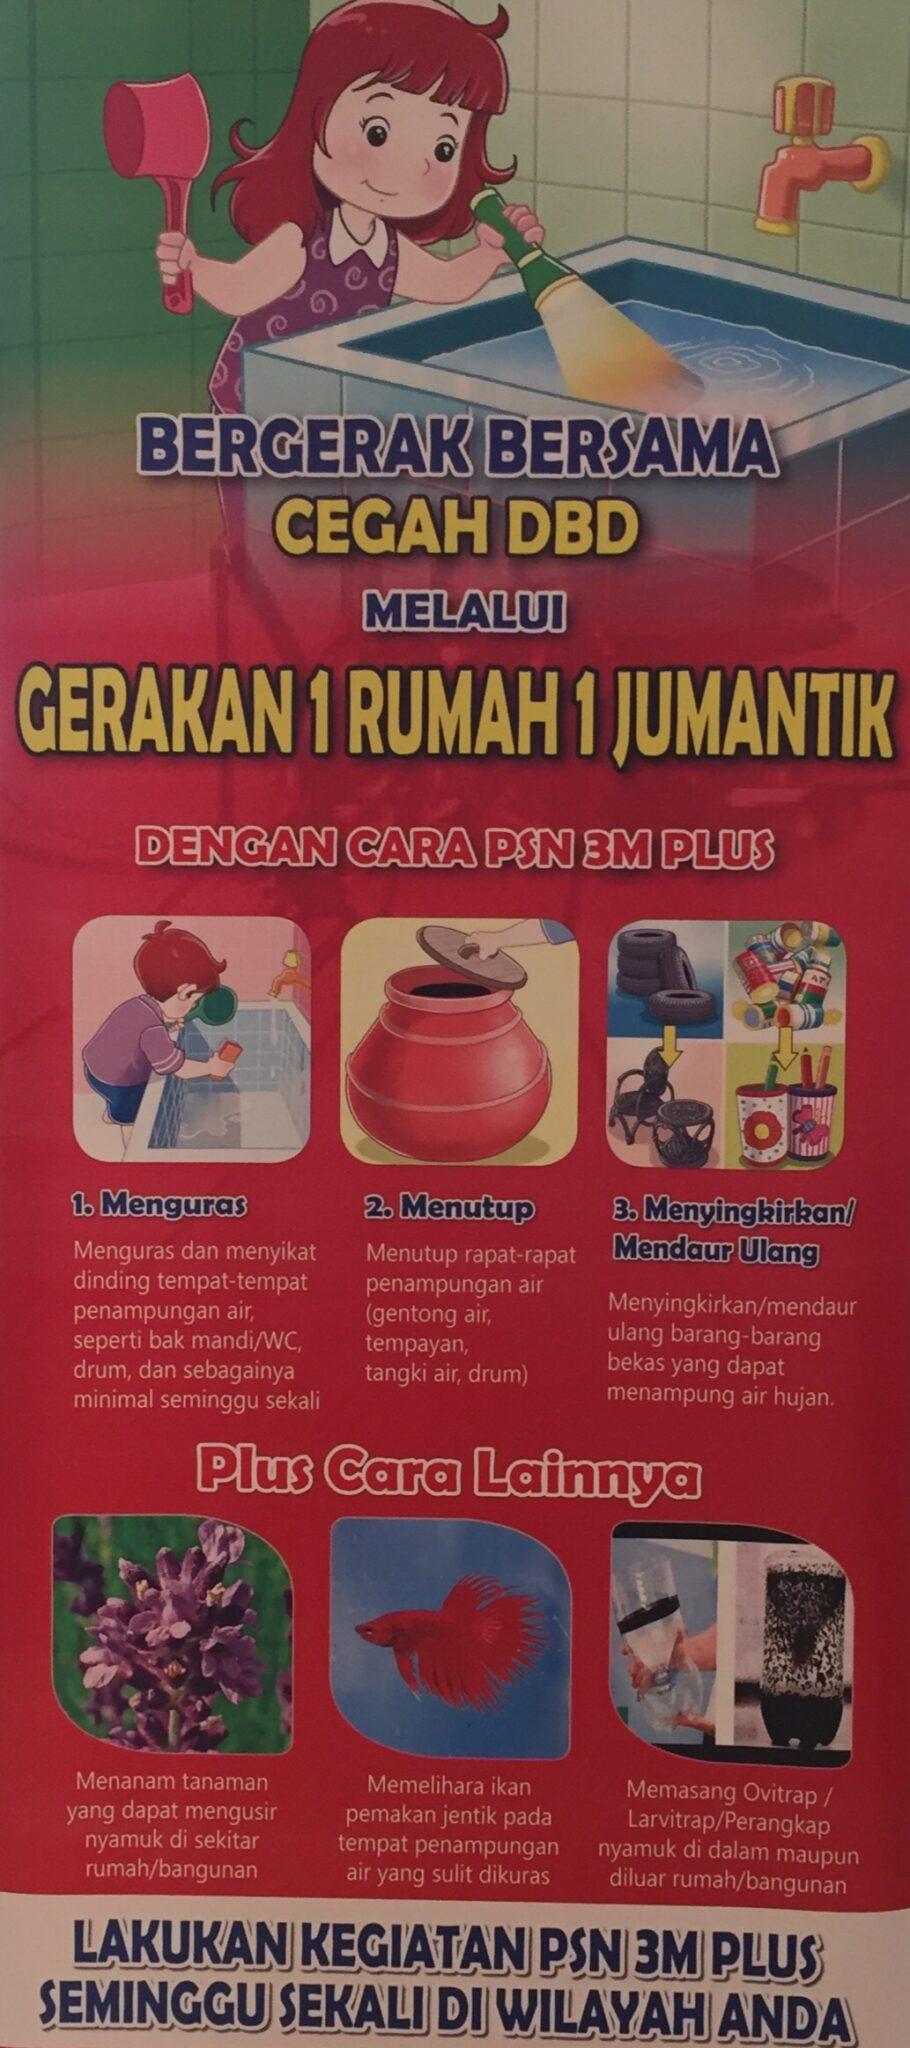 Gerakan 1 Rumah 1 Jumantik, 3M Plus, Demam Berdarah, DBD, Dengue